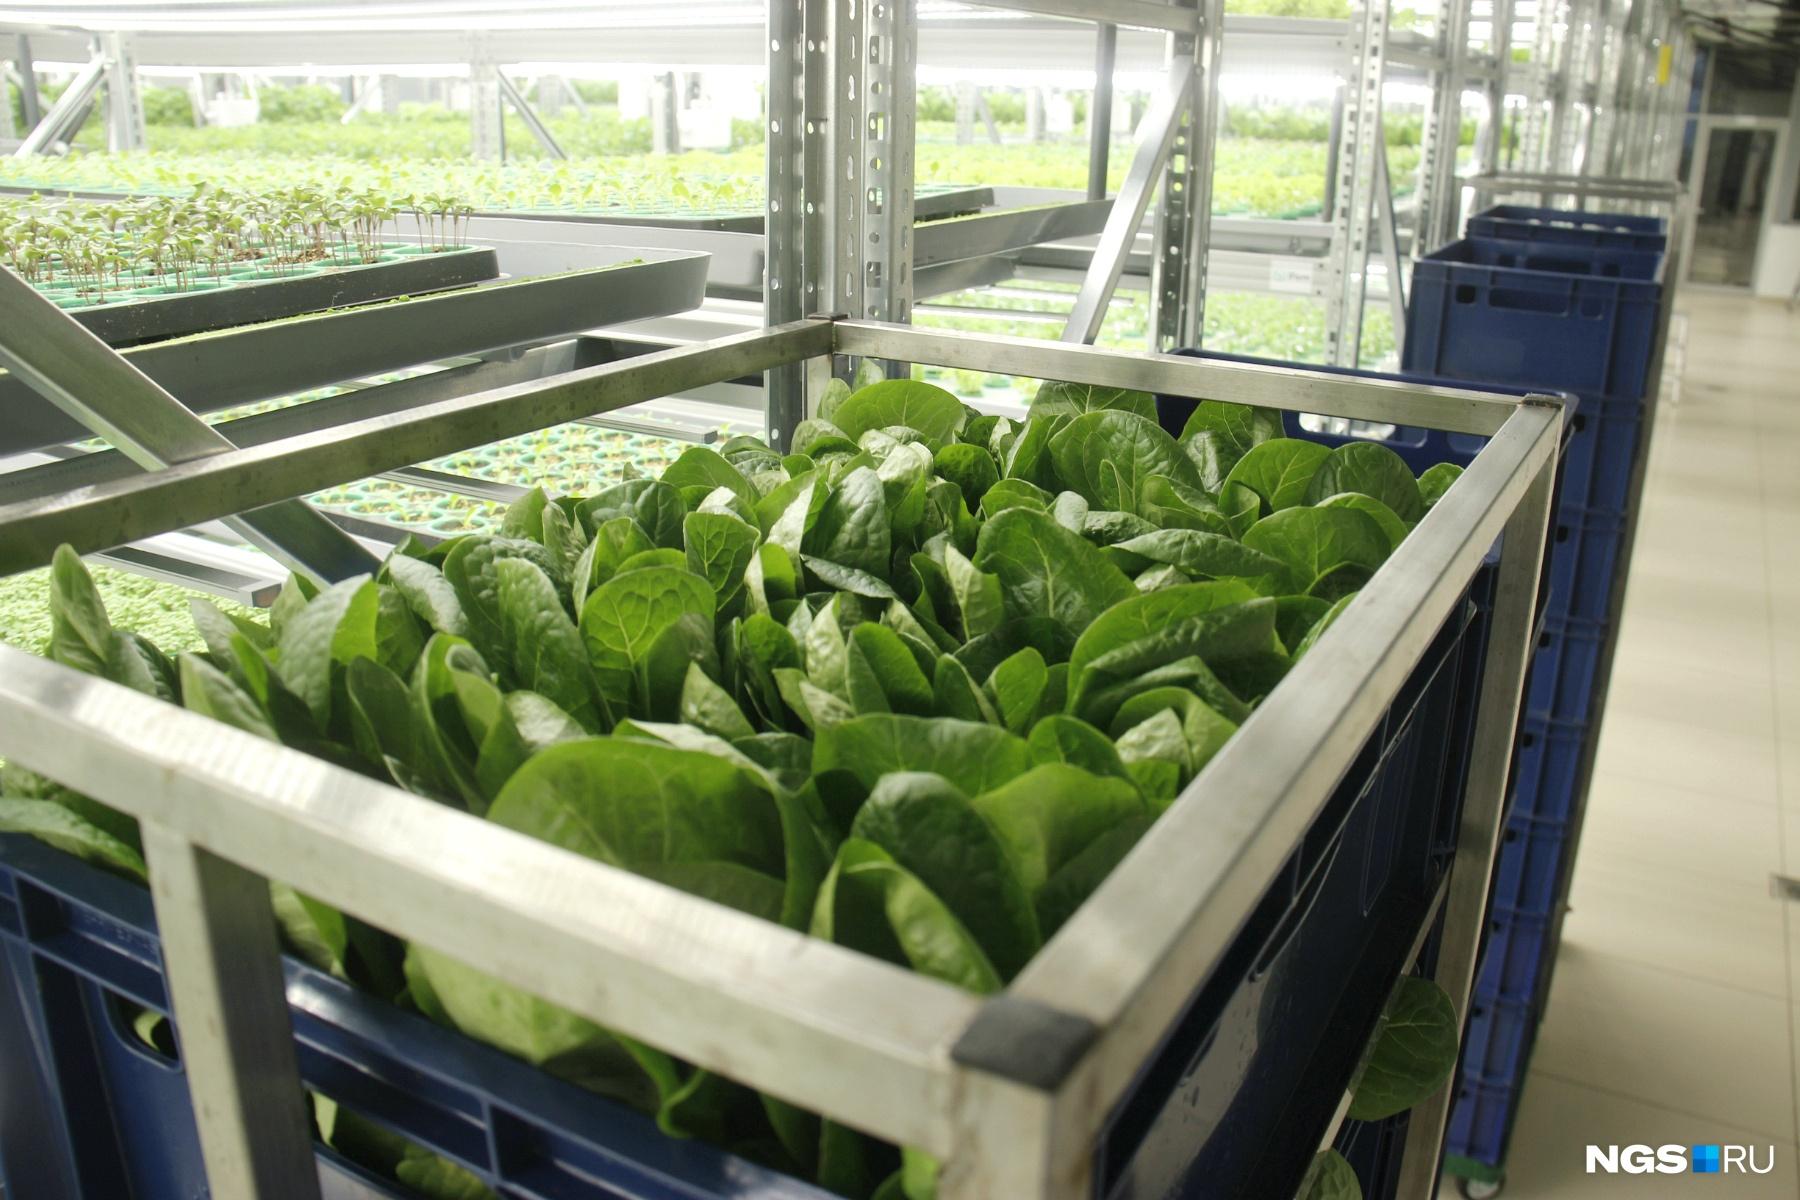 Пока в Москве не запустили подобные фермы, салаты приходится возить в столичную «Азбуку вкуса» самолётами